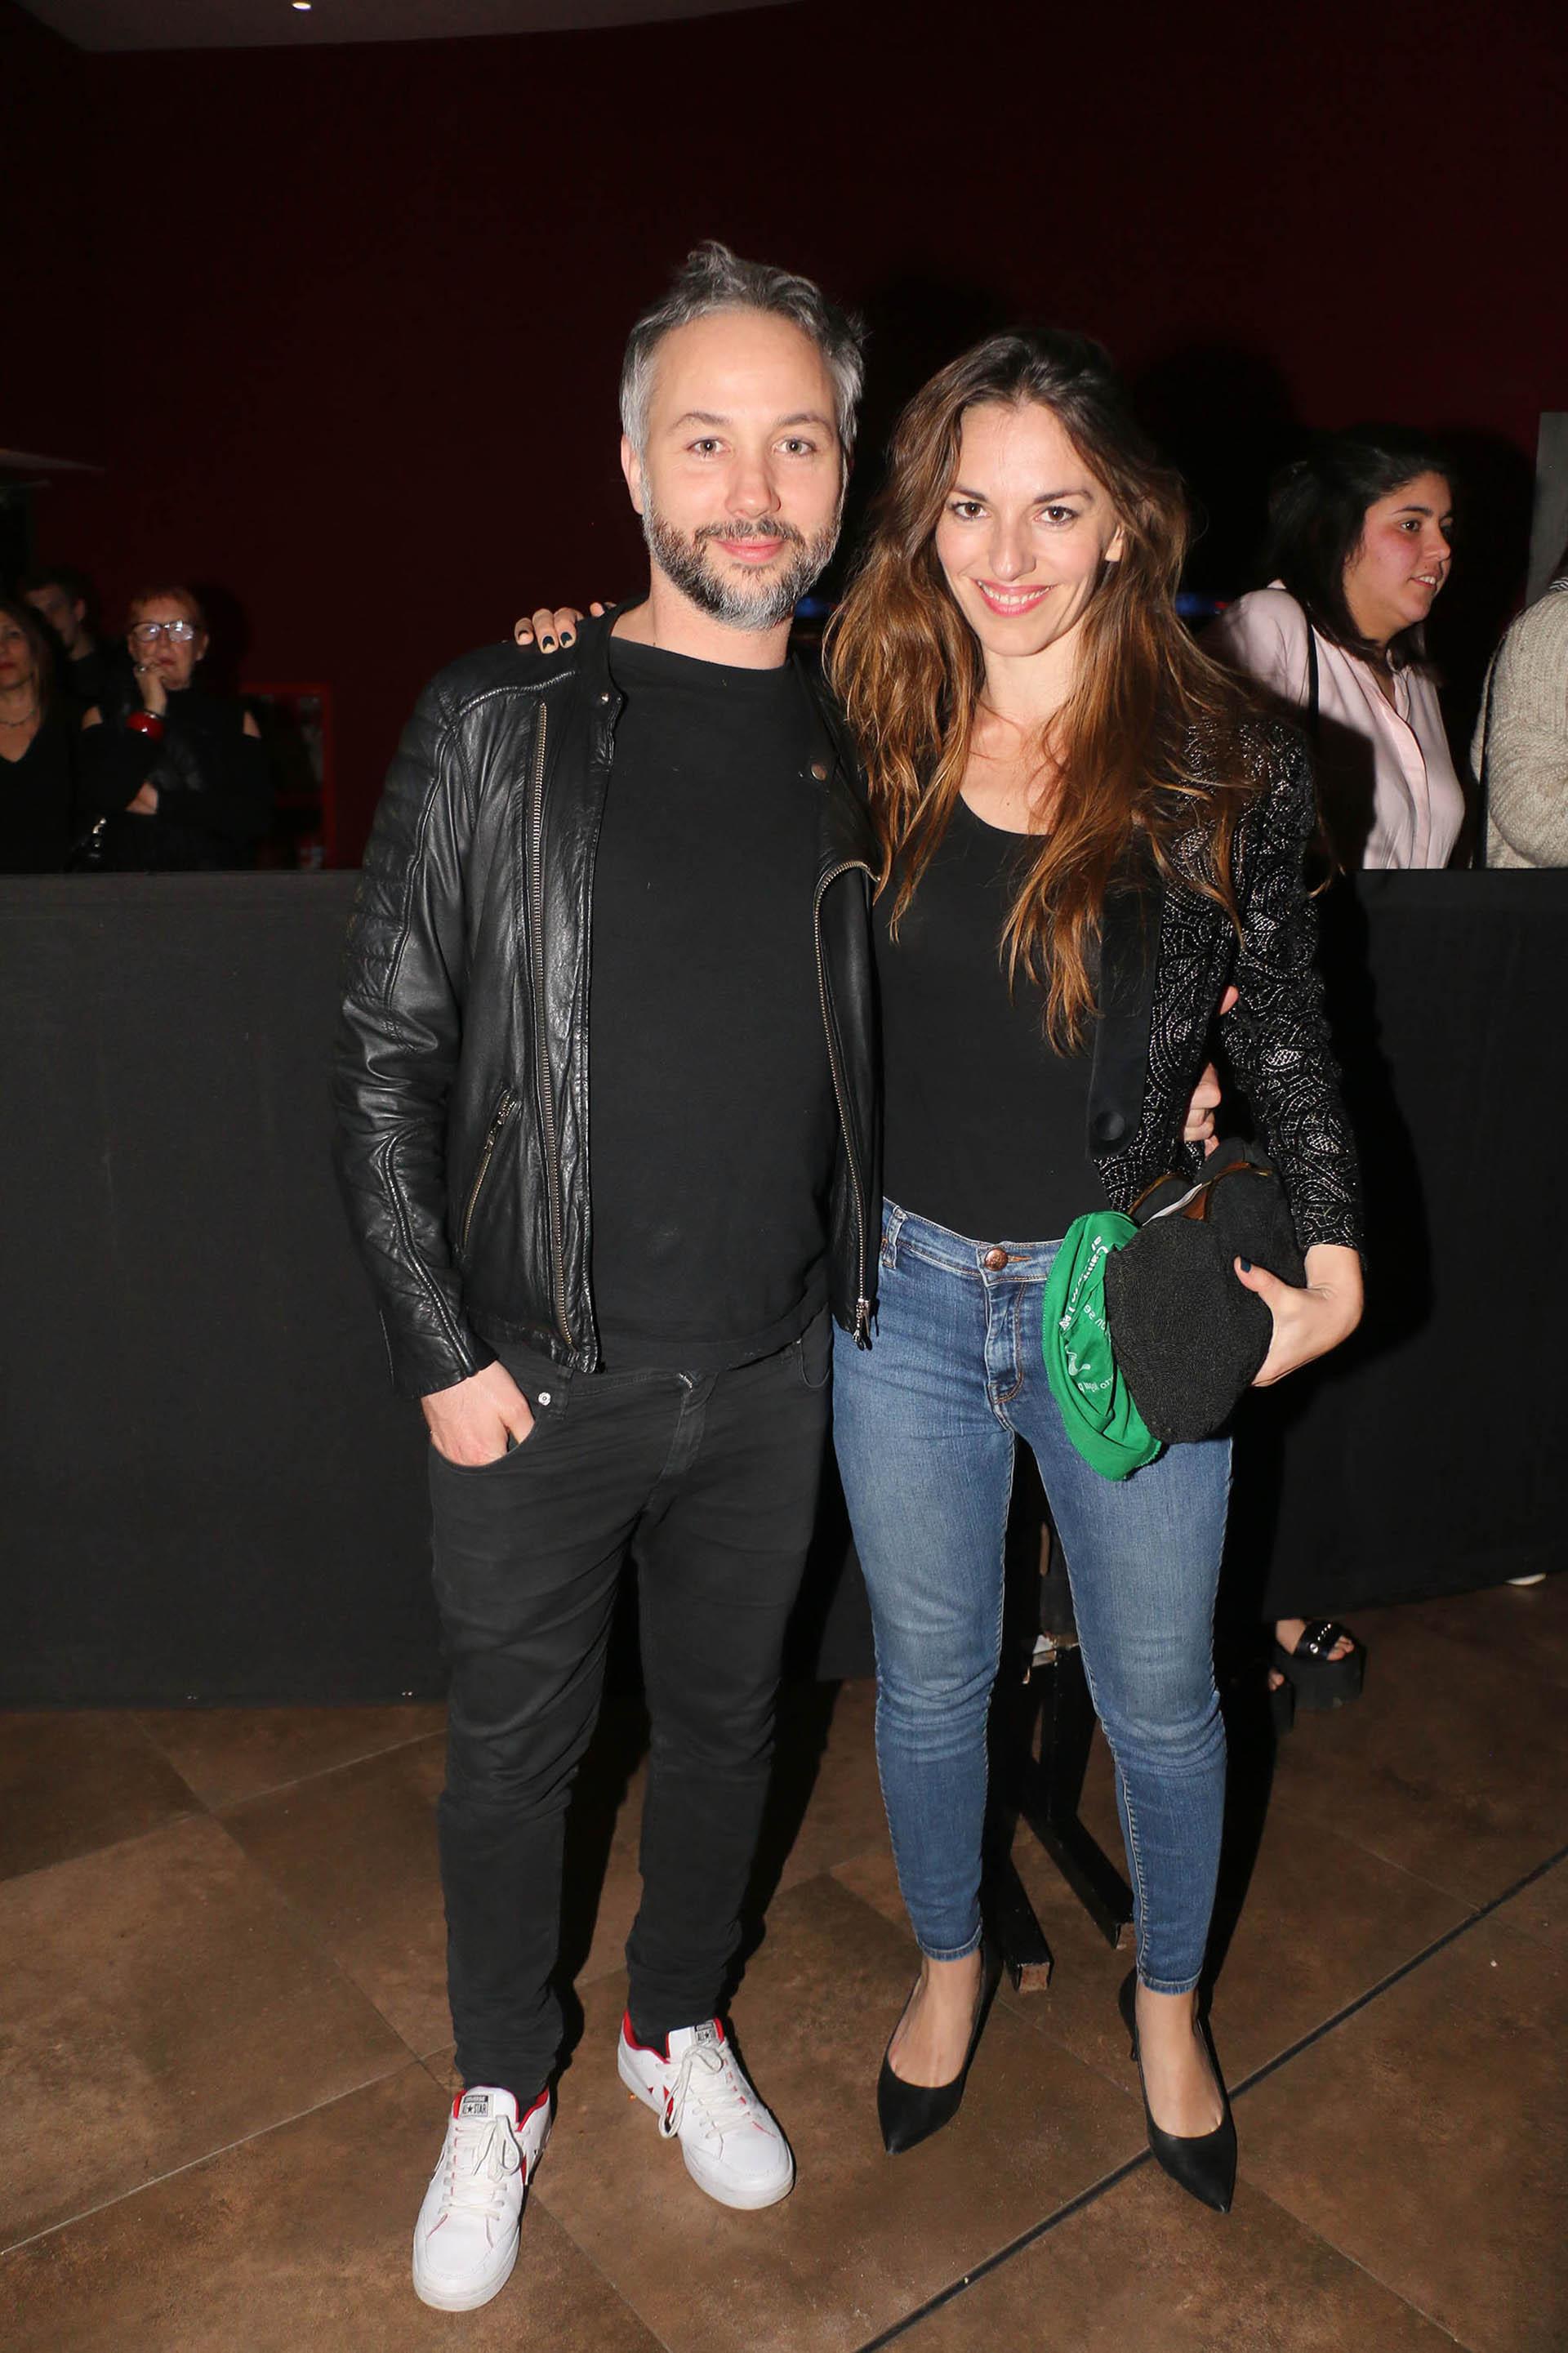 El periodista Diego Iglesias y su novia, la escritora y guionista Erika Halvorsen